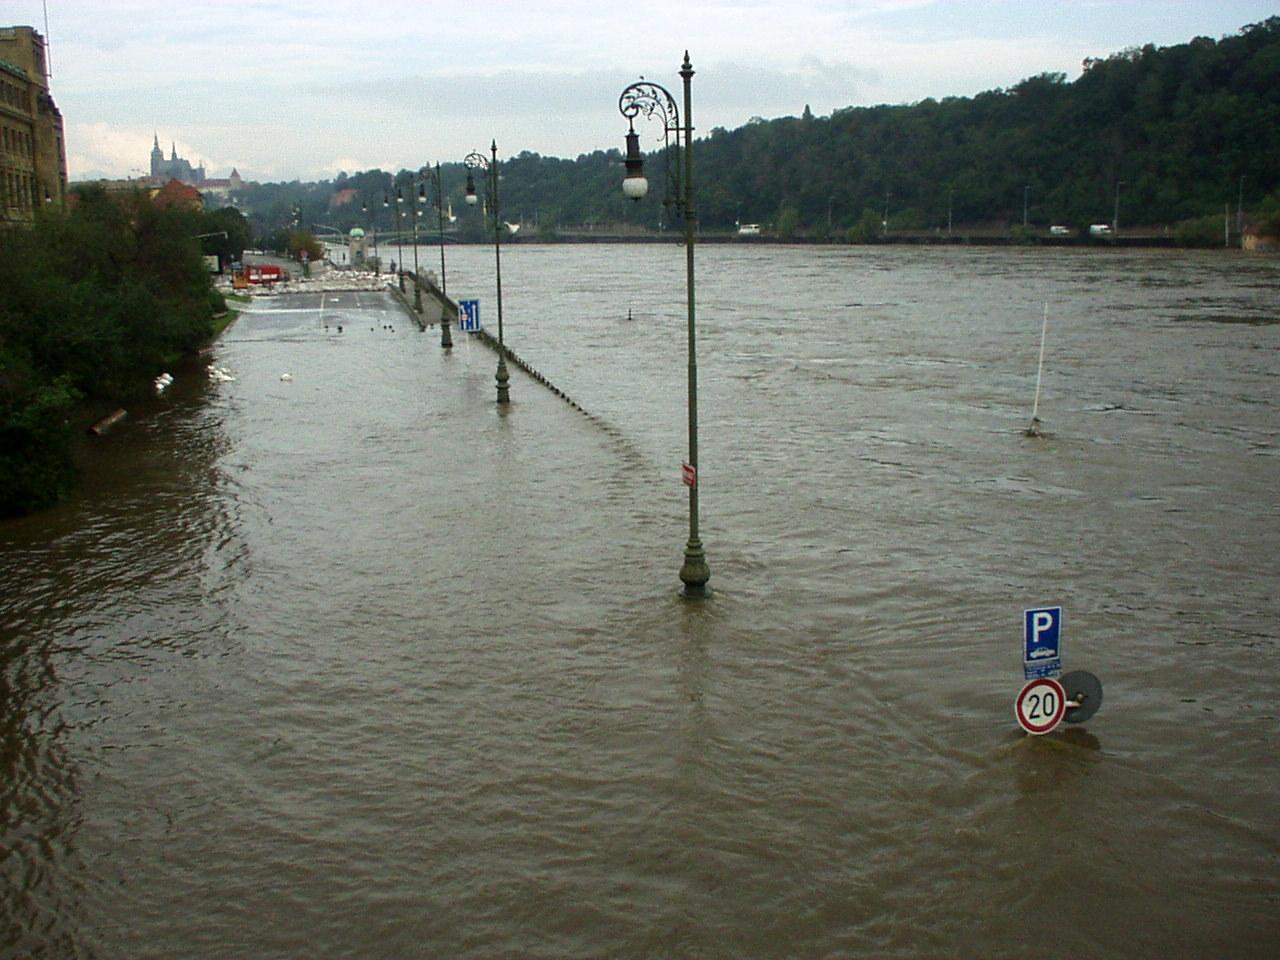 Flood in Prague in 2002